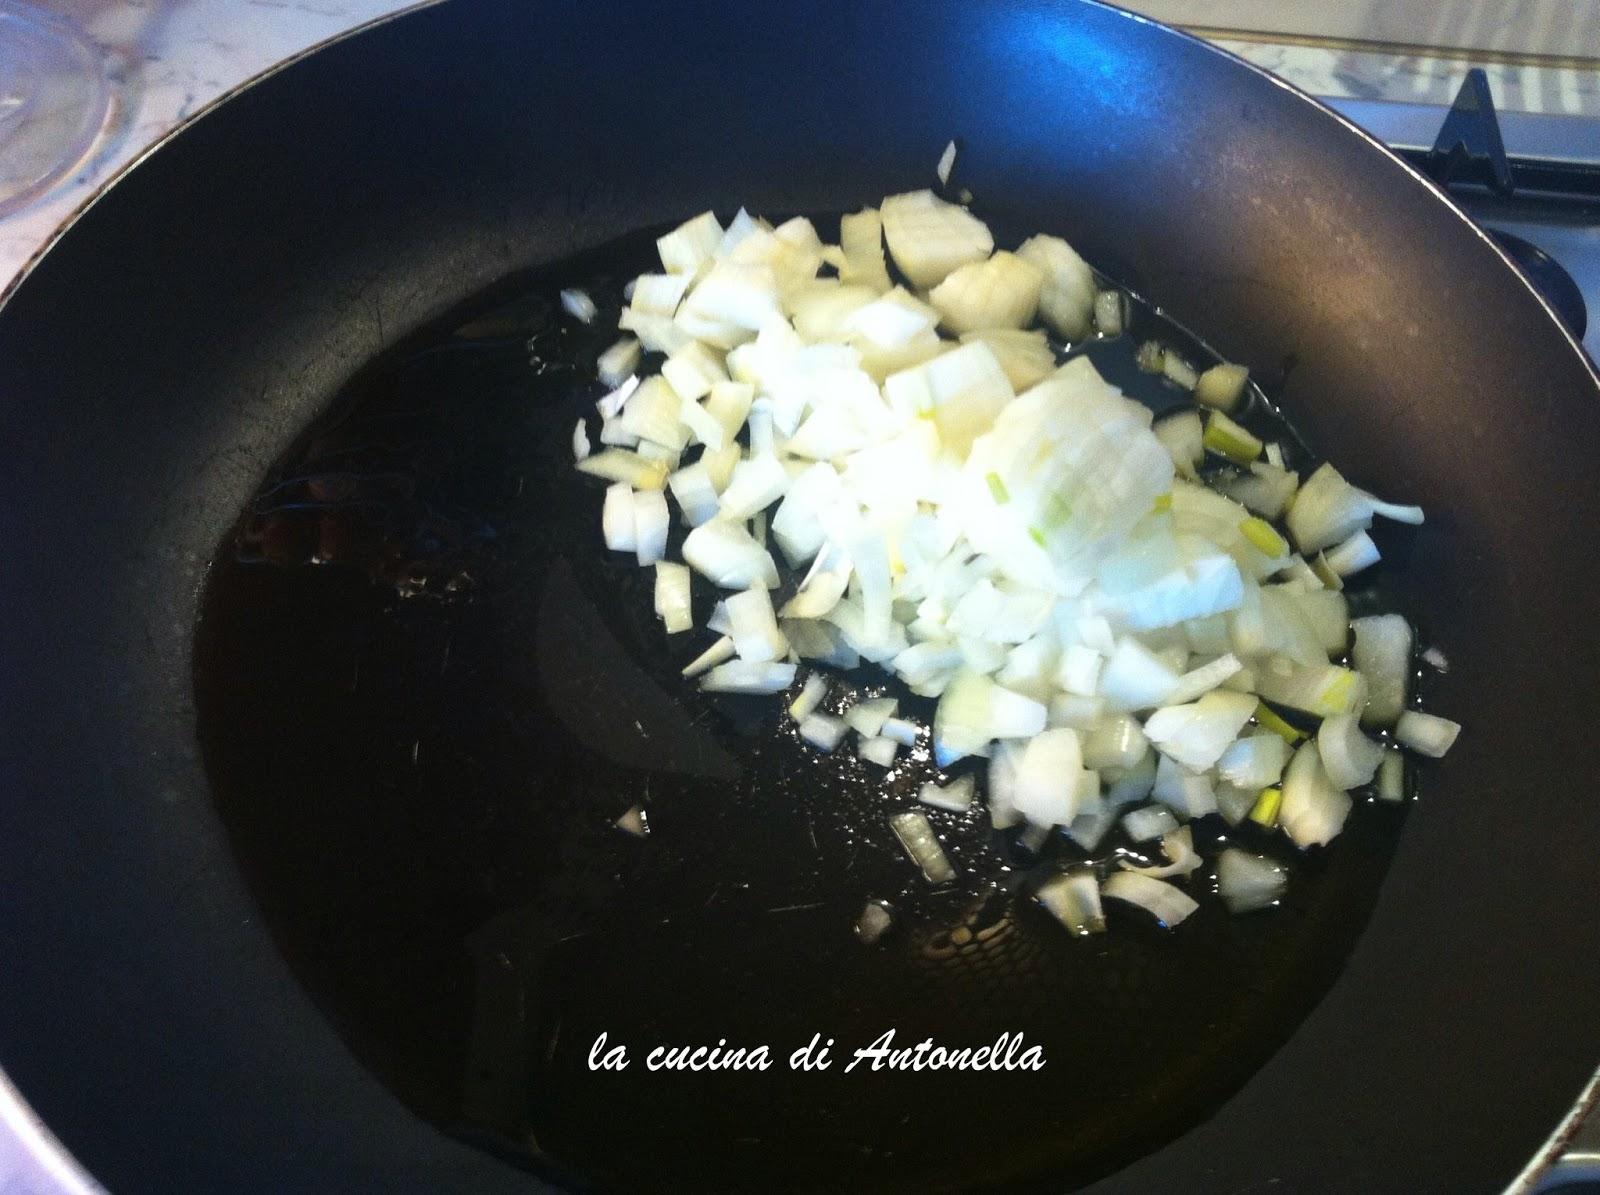 La cucina di antonella crespelle radicchio rosso - La cucina di antonella ...